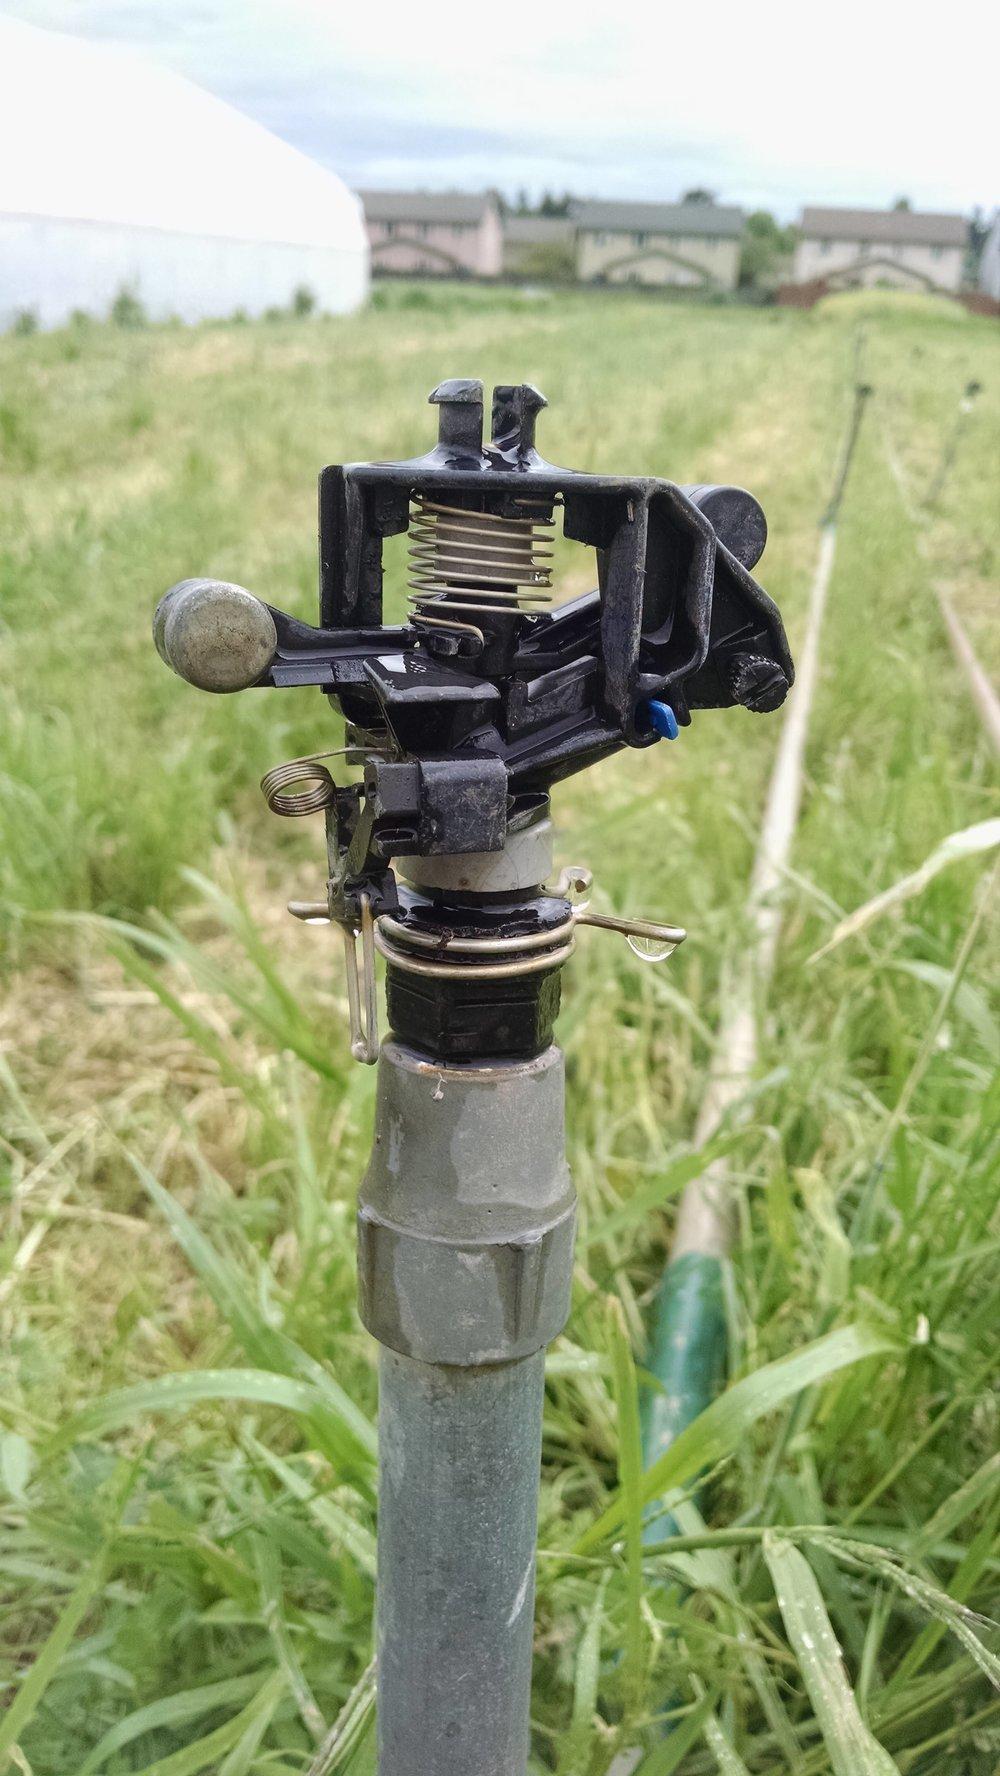 Sprinkler head, post-inspection, pre-testing under water pressure